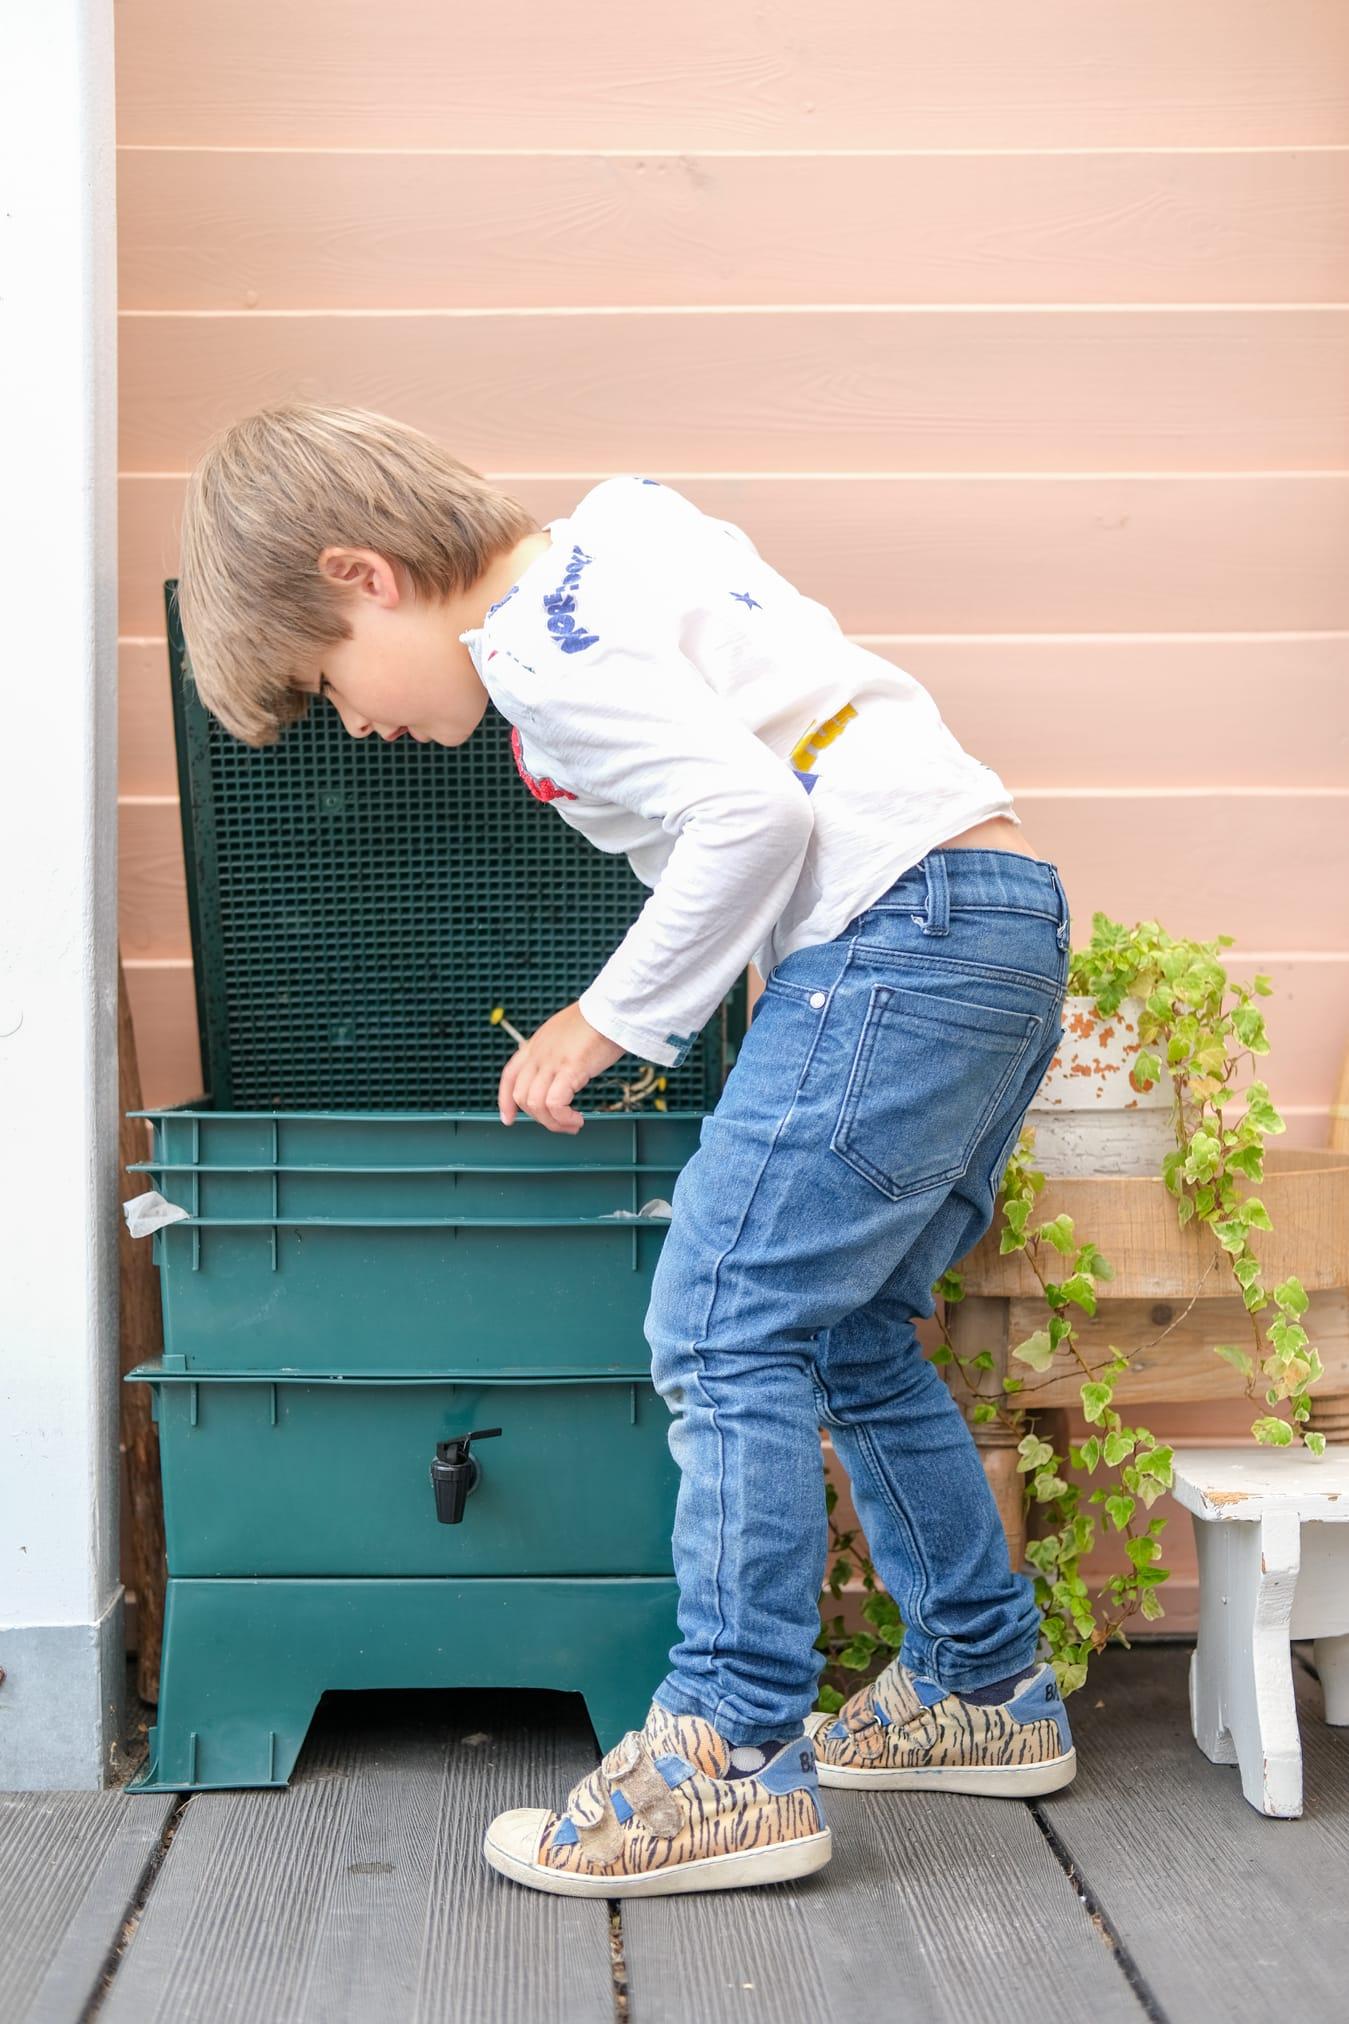 duurzaam gft afval composteren